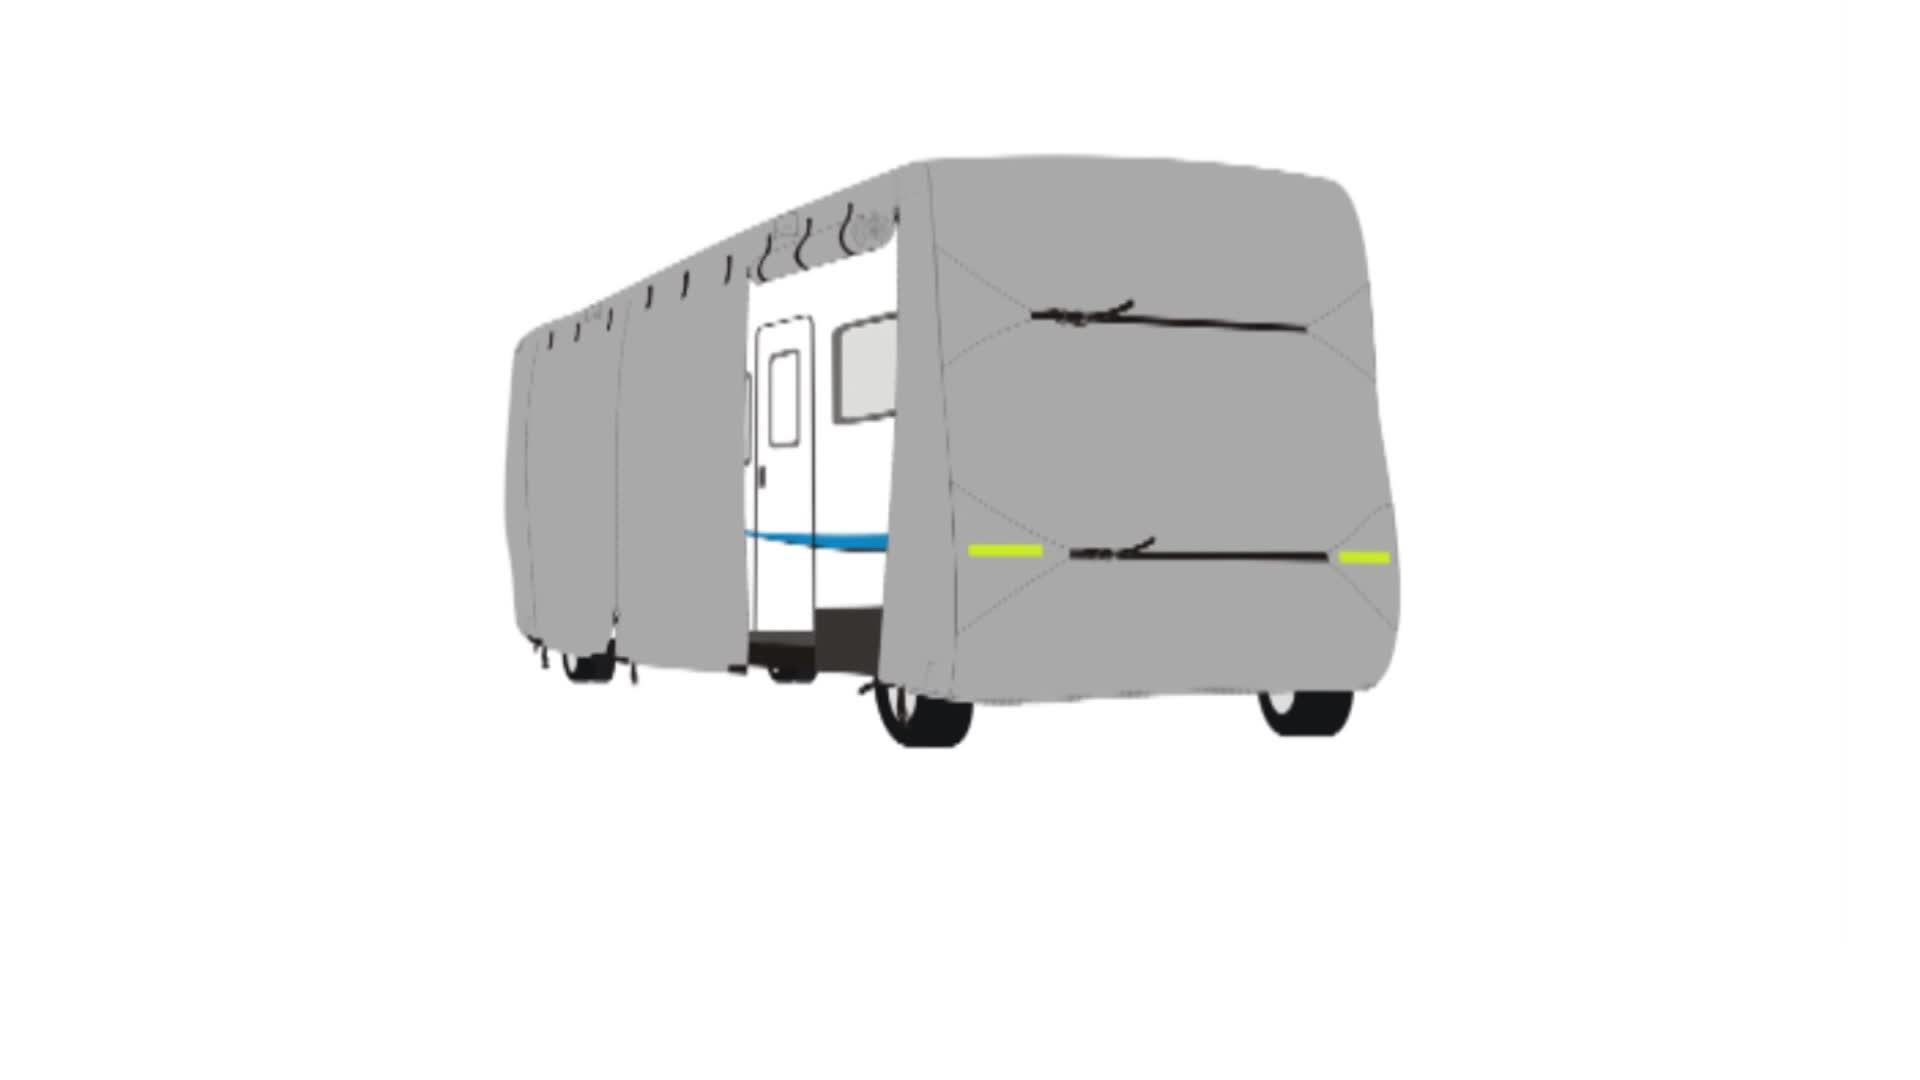 Lichtgewicht Ripstop Stof RV Cover Deluxe Klasse C RV Cover Voor 32'-'Campers